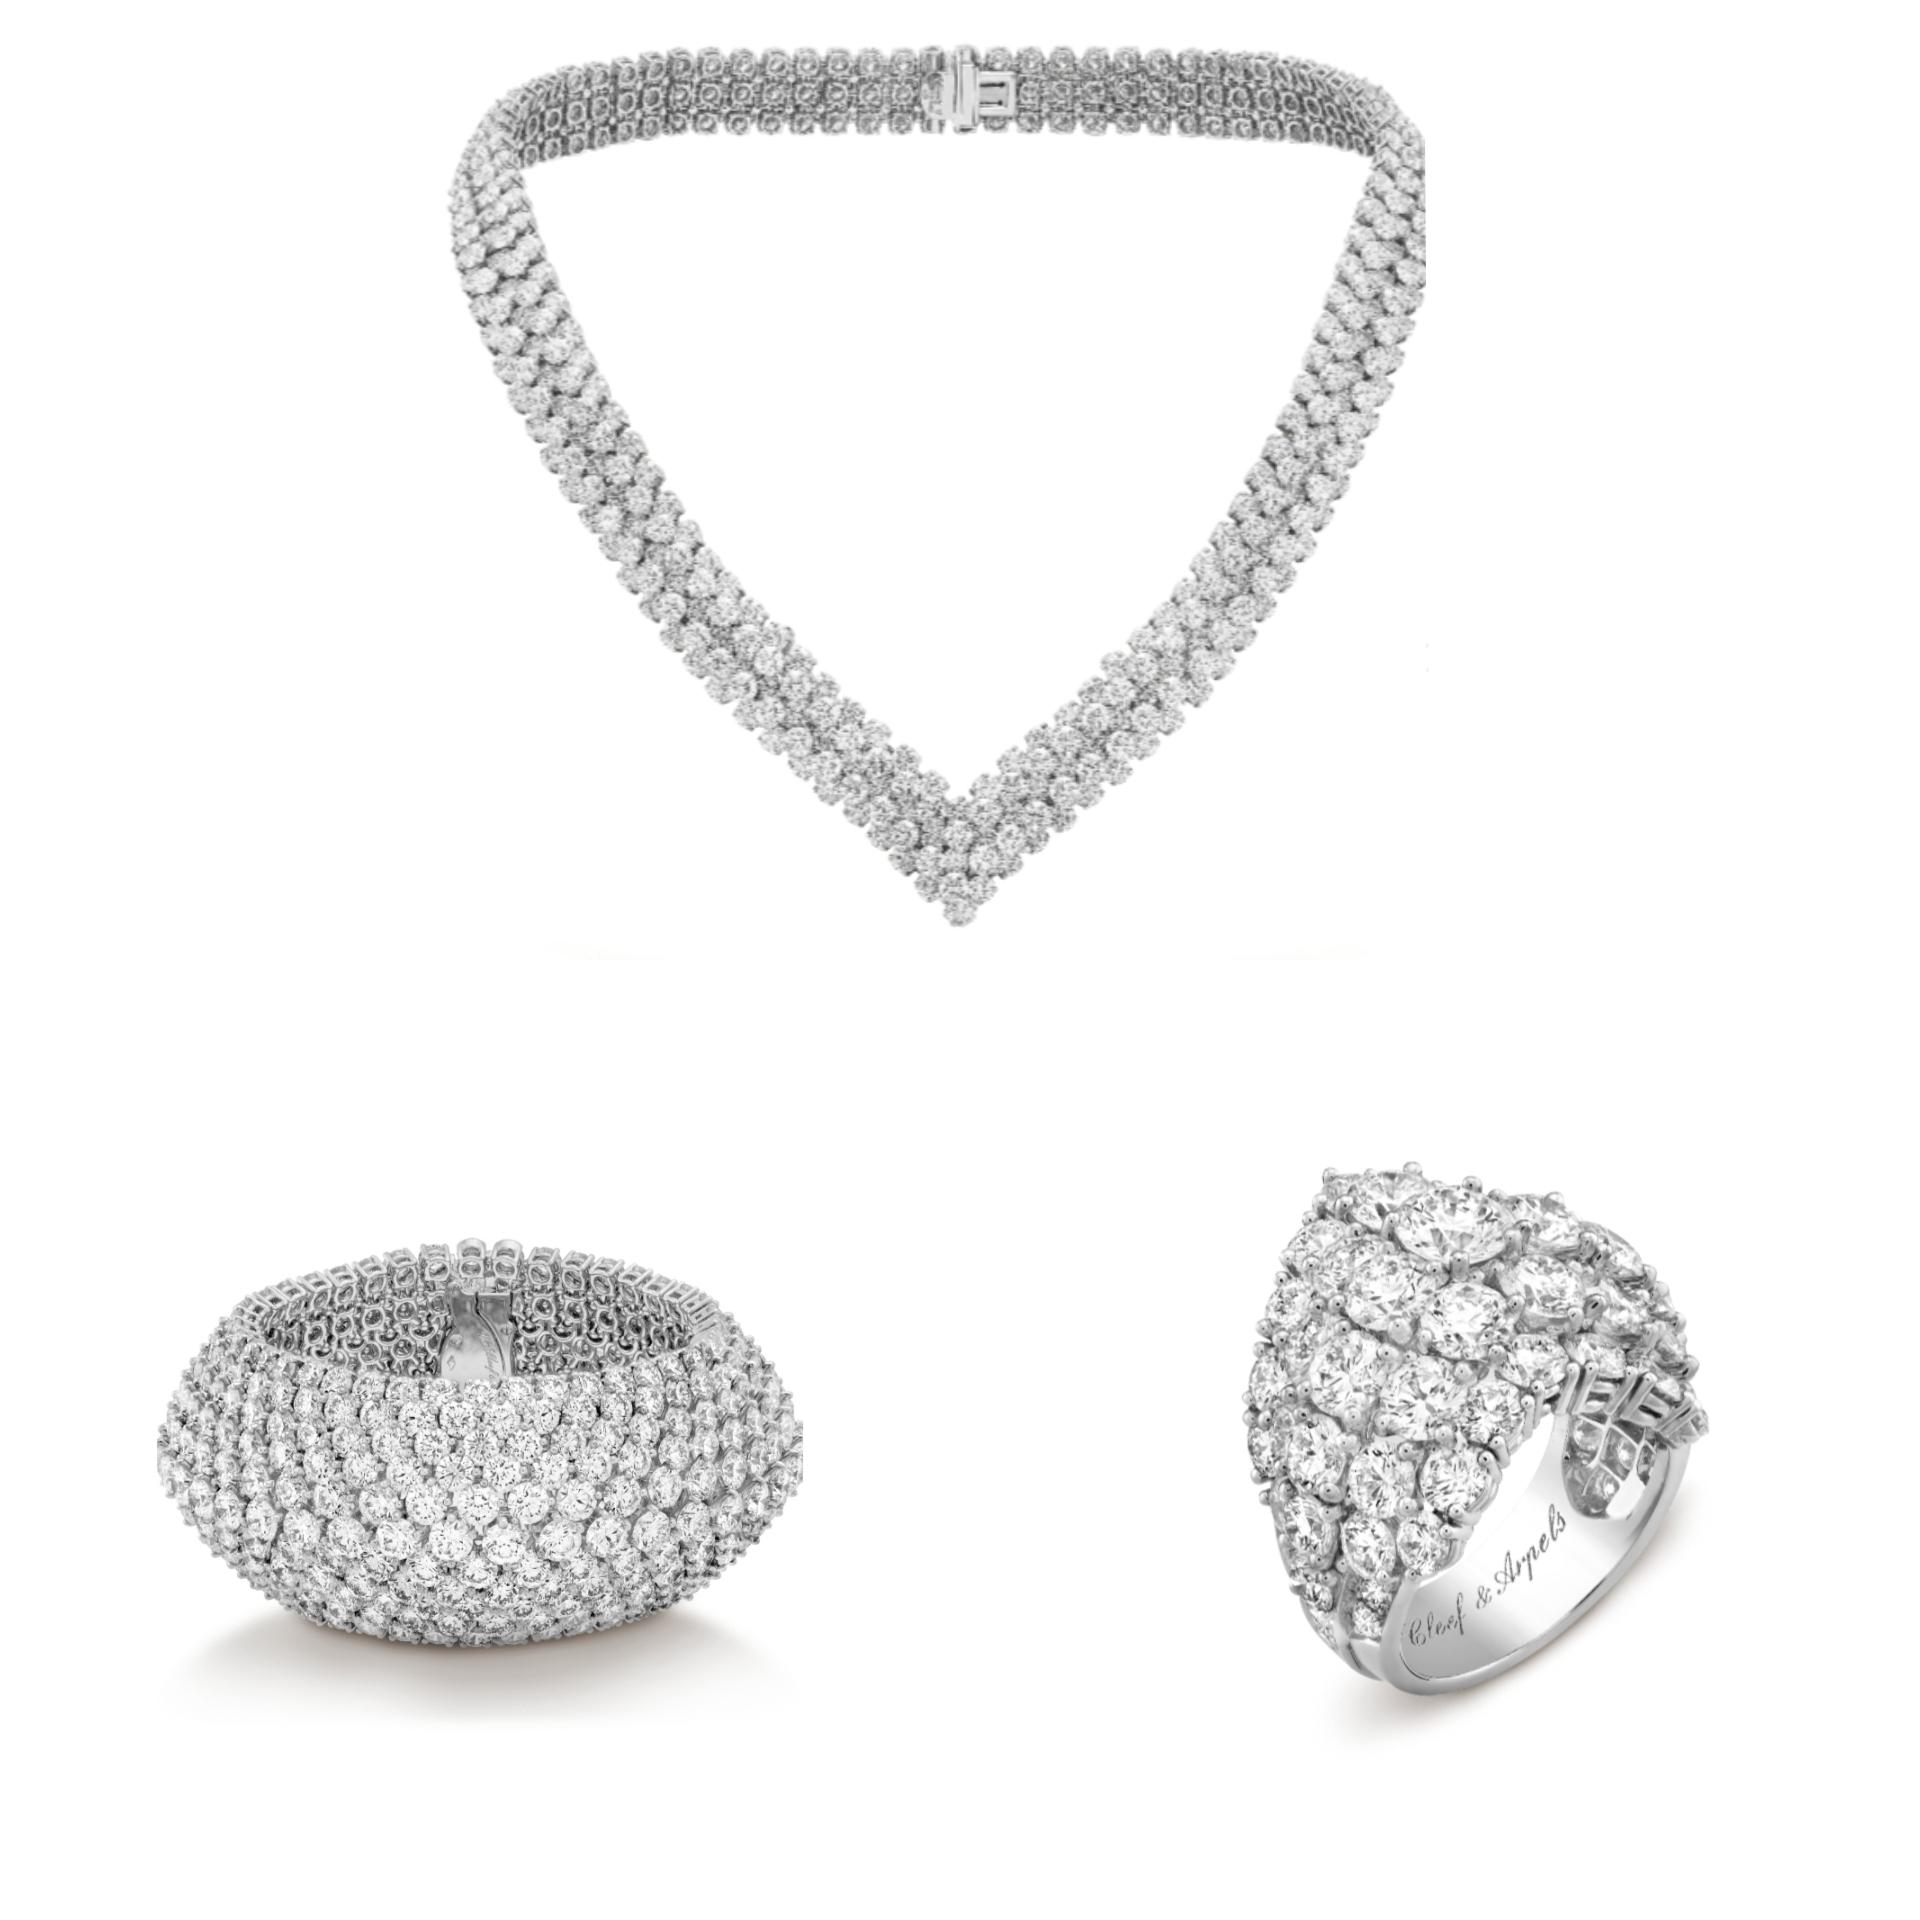 طقم مجوهرات عروس Á Cheval من فان كليف أند آربلز Van Cleef & Arpels